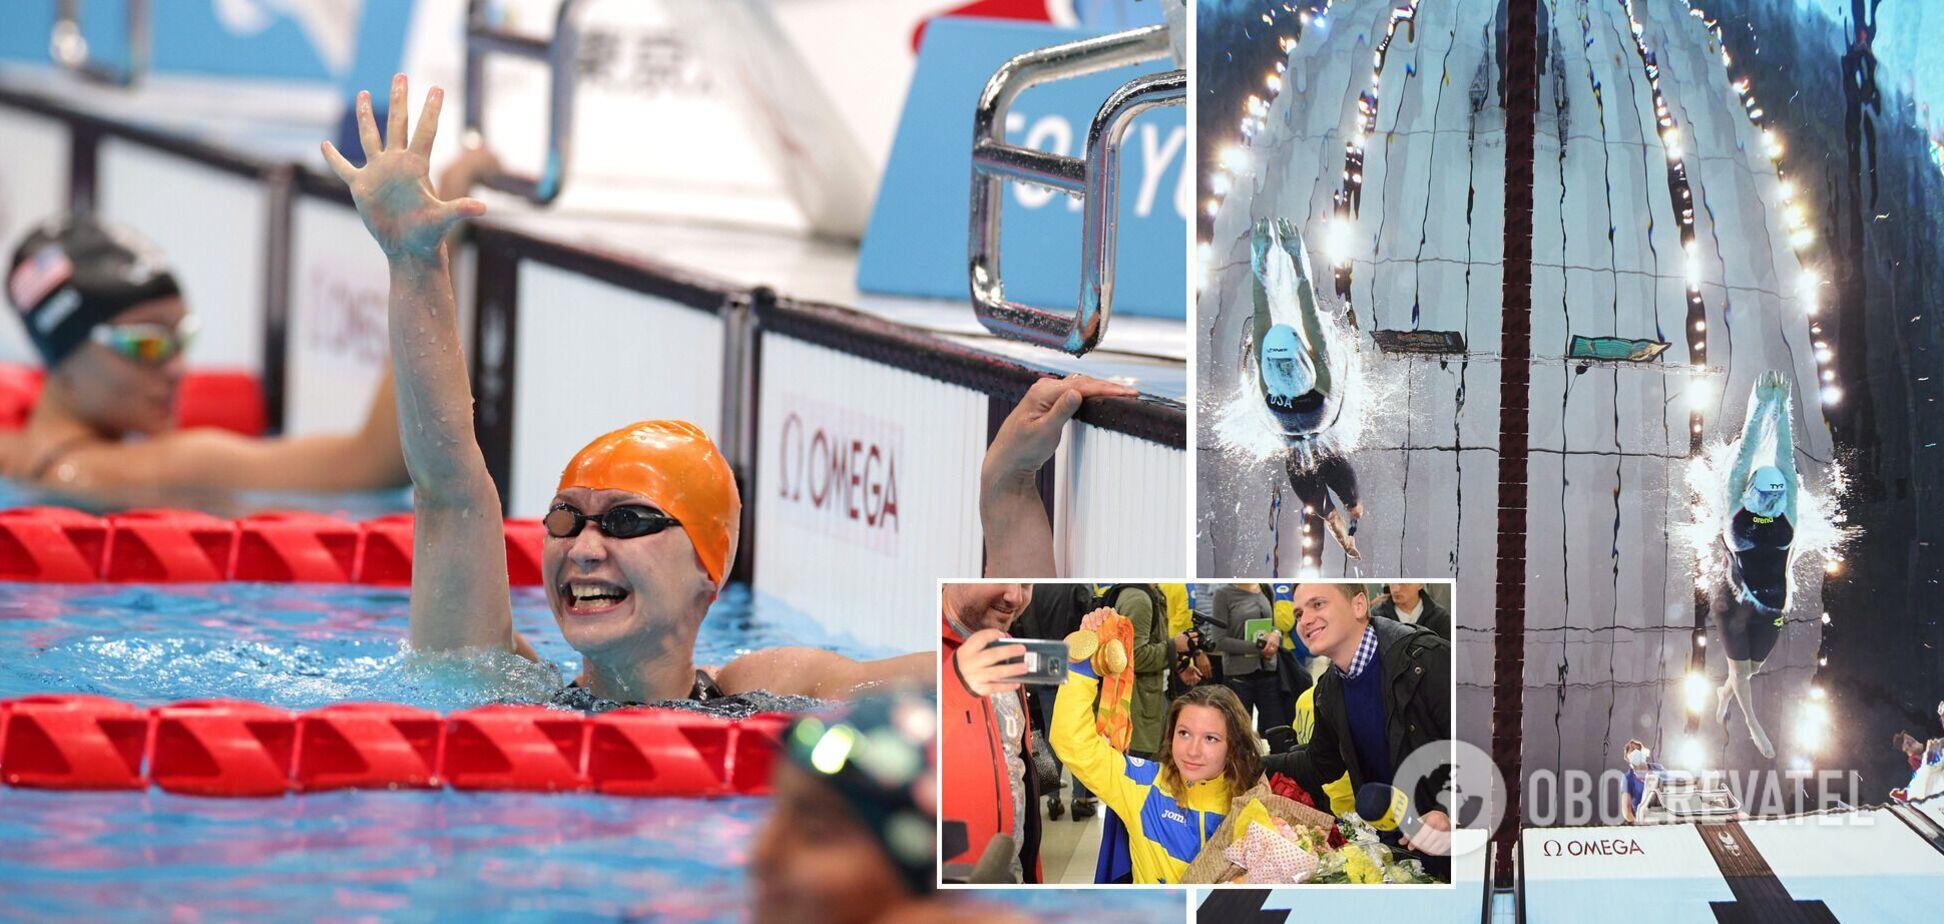 Є перше 'золото'! Українка з рекордом стала чемпіонкою Паралімпіади-2020